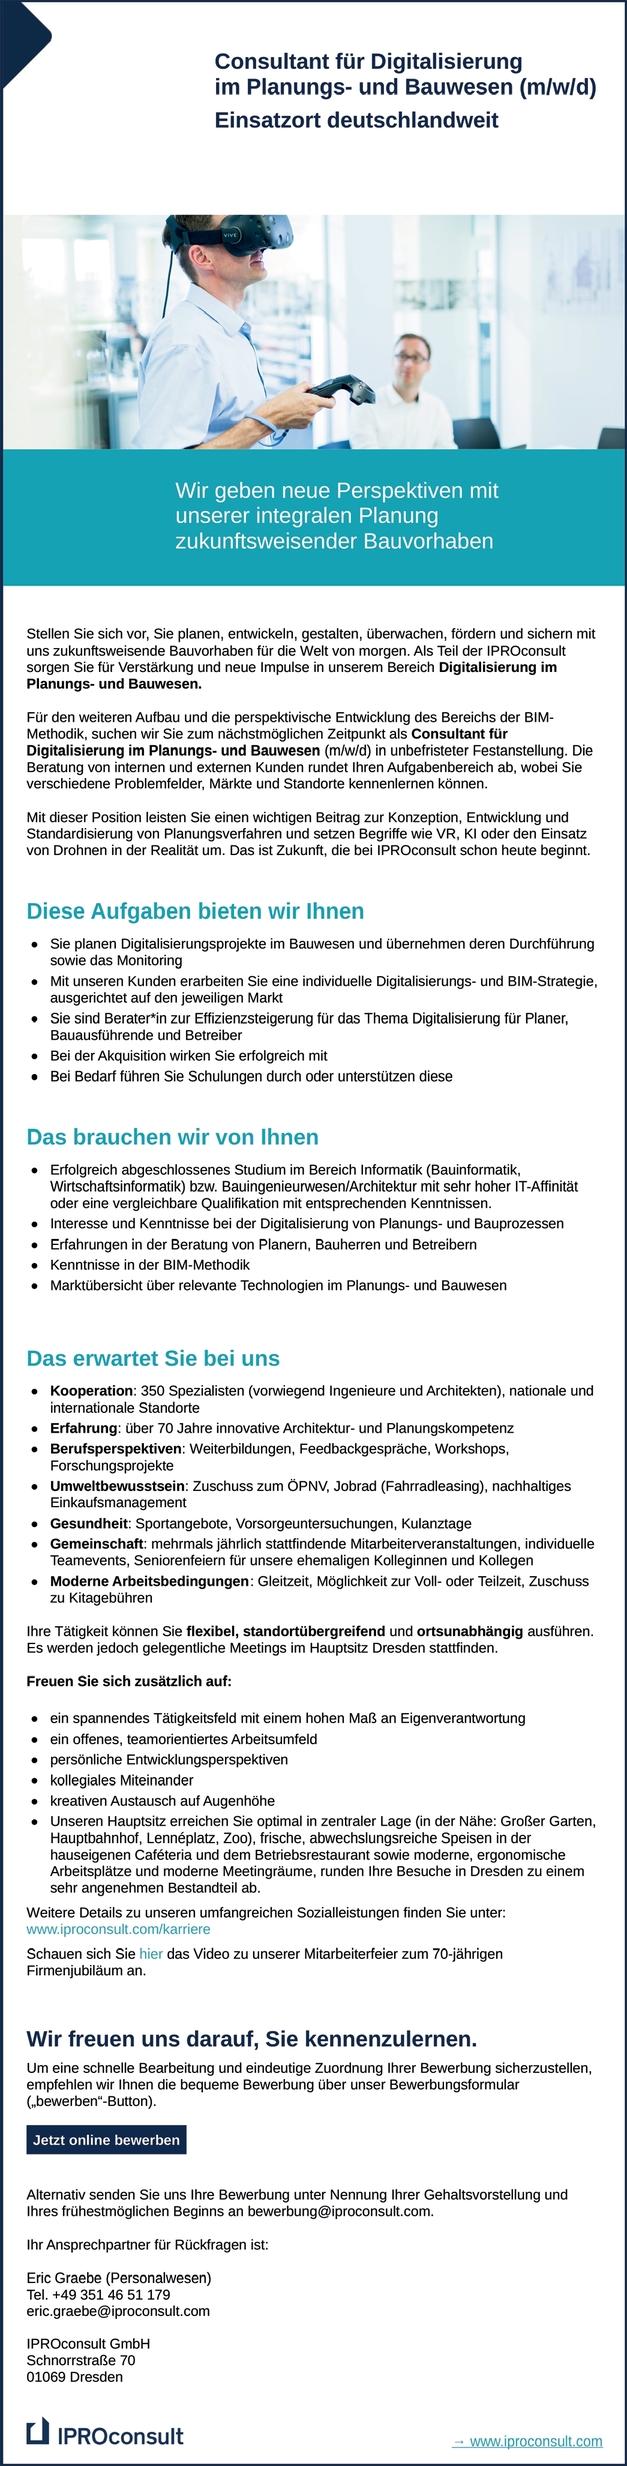 Consultant für Digitalisierung im Planungs- und Bauwesen m/w/d